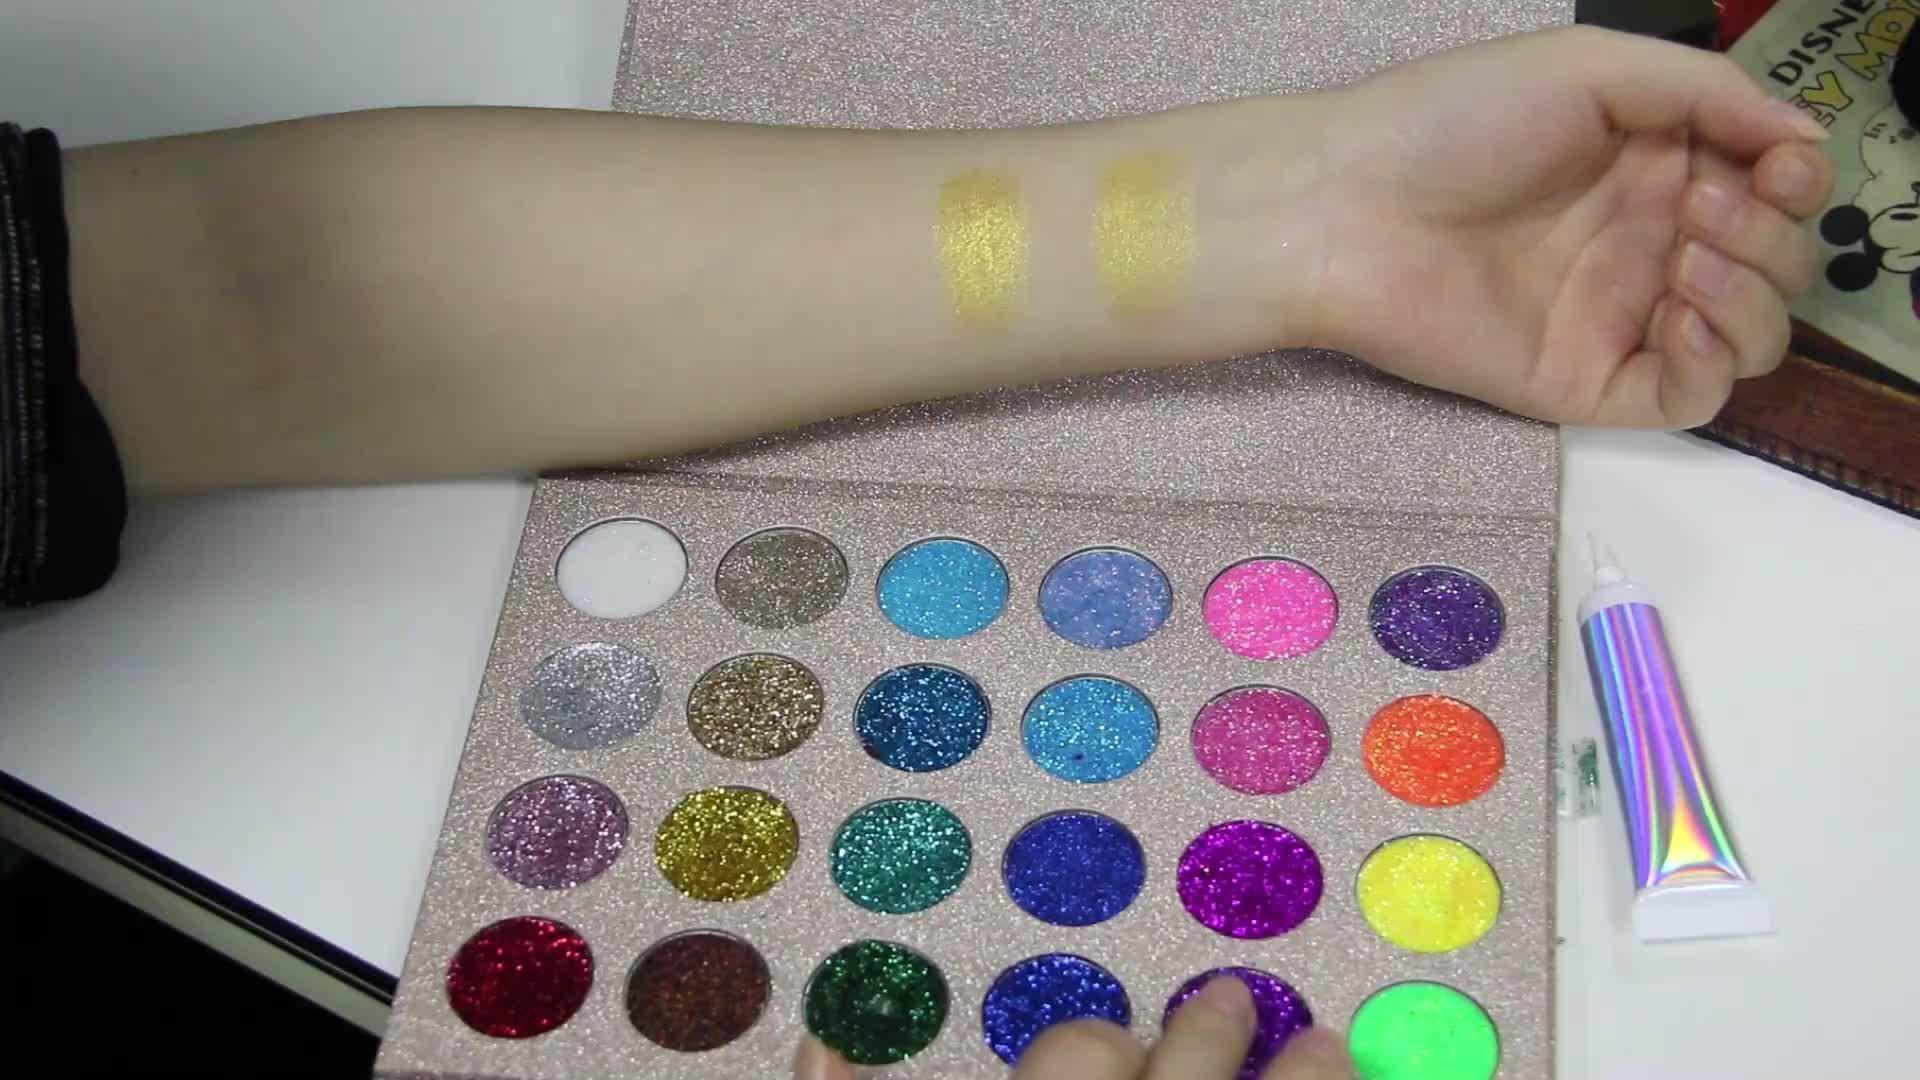 Oem Toptan Makyaj 24 Saat Göz farı Tabanı Özel Etiket Glitter Göz Farı Astarı